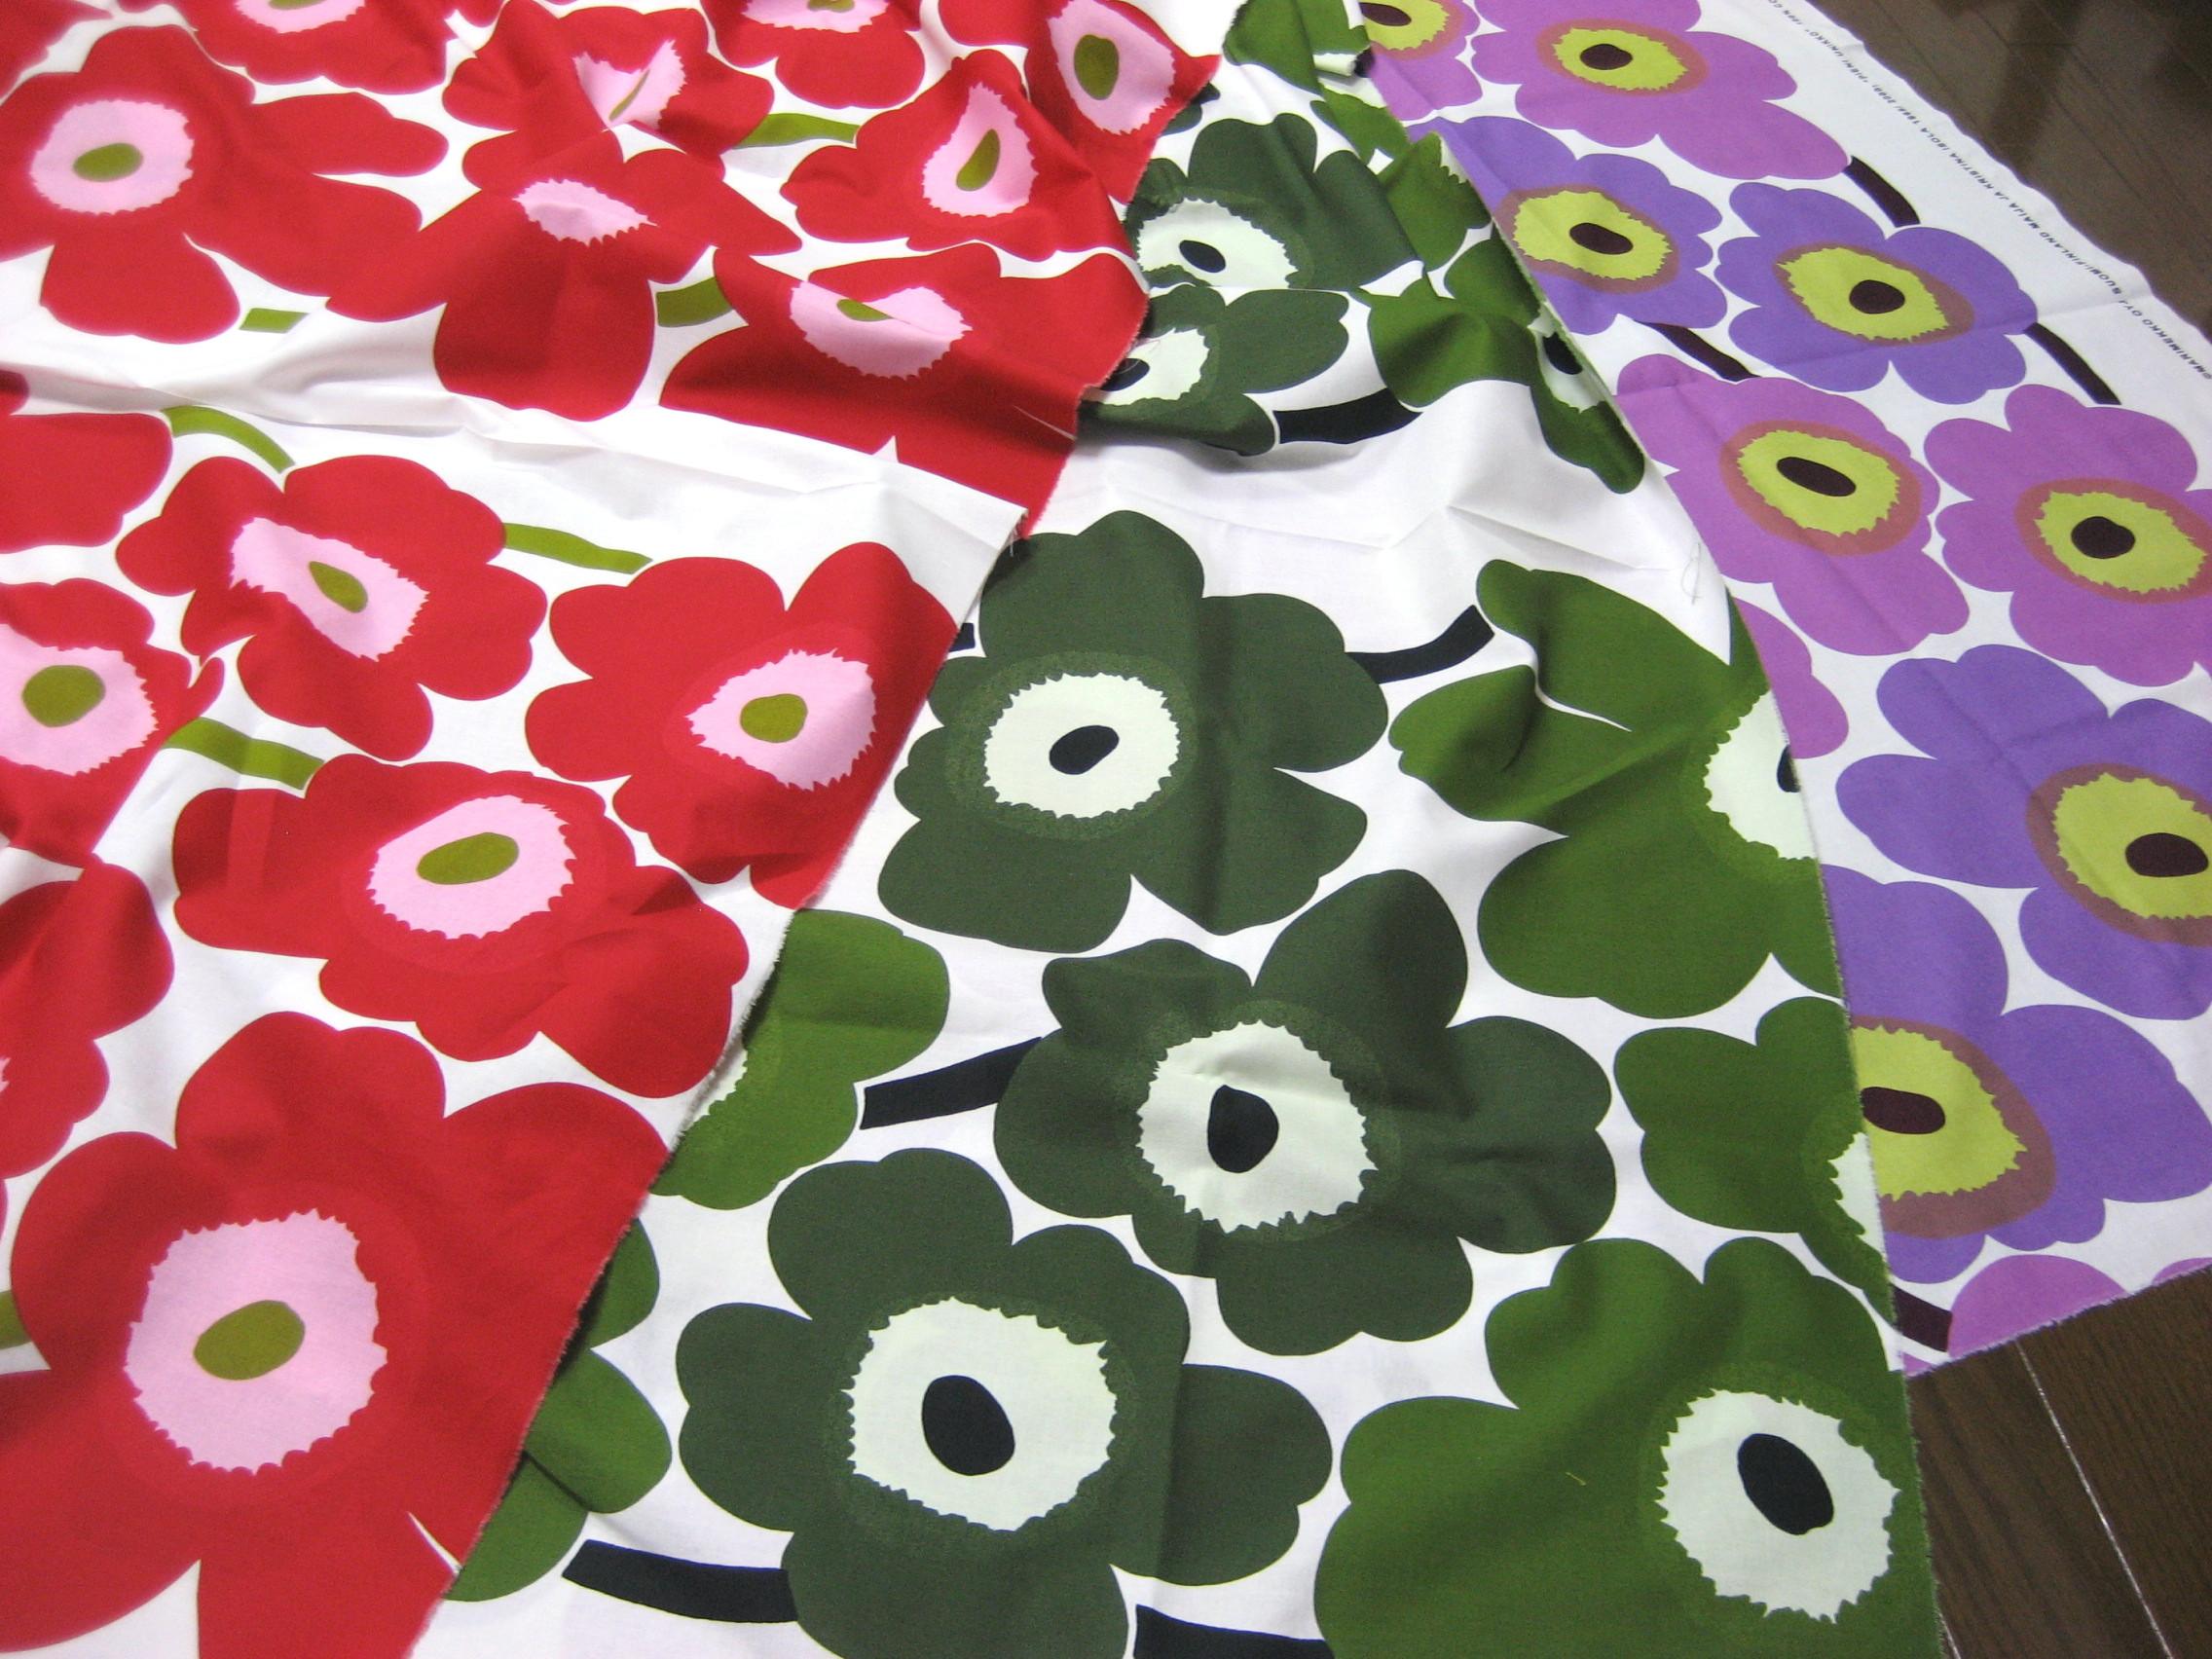 マリメッコに囲まれたい!大きなお花、ウニッコ柄アイテムまとめ!のサムネイル画像